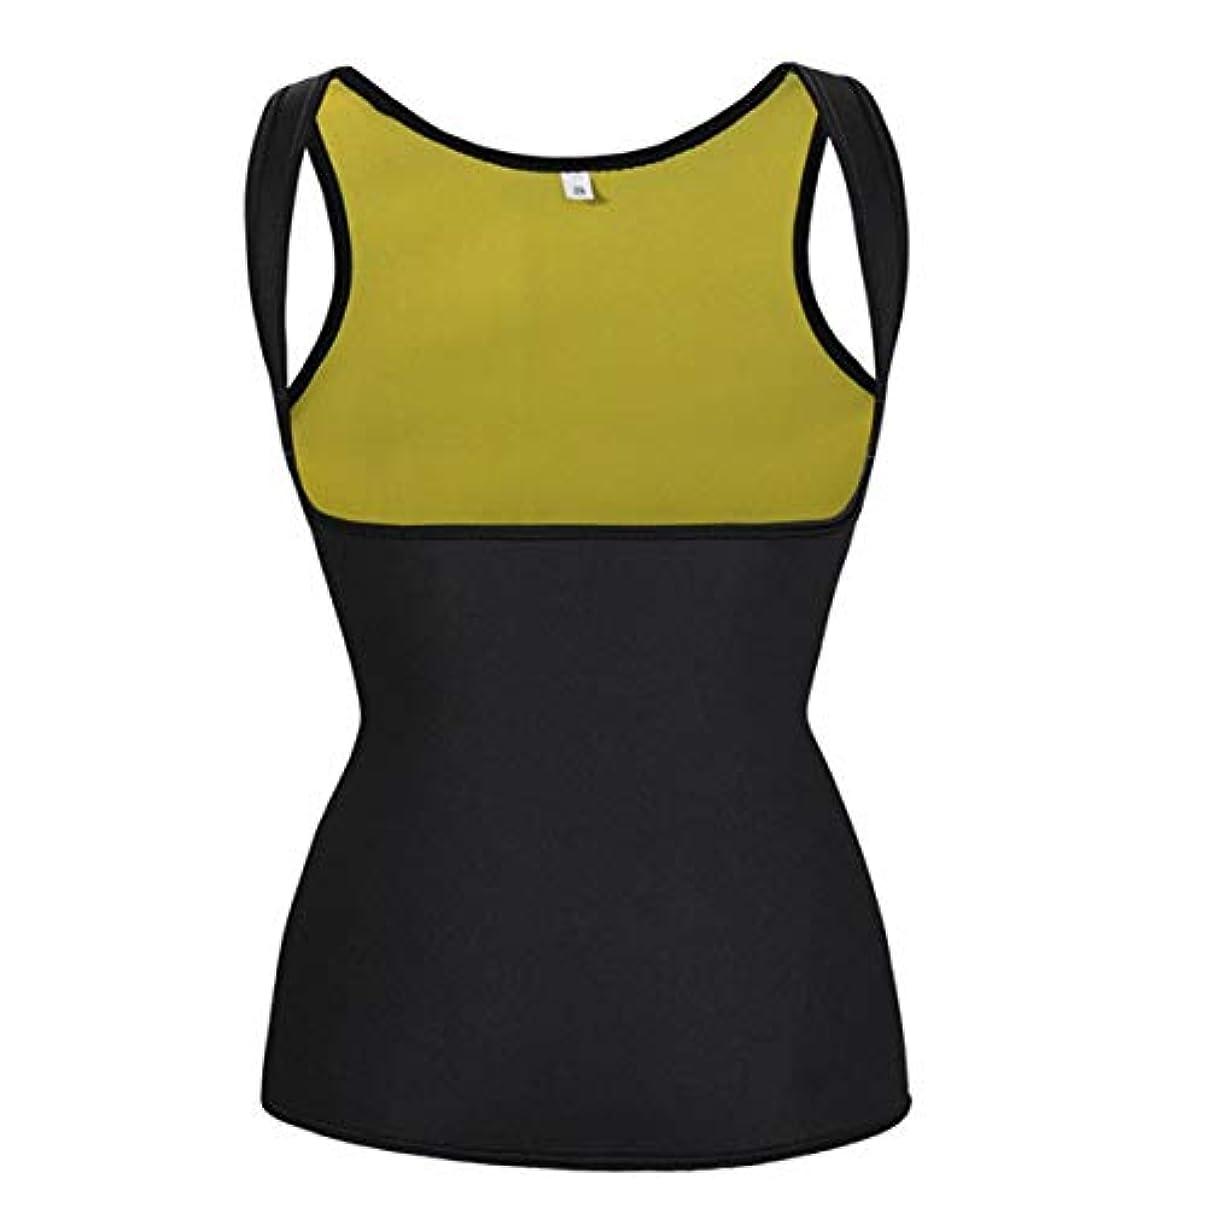 マリン寄託ディレクターIntercoreyスポーツフィットネスベスト快適な運動シェイパートレーニング汗ノースリーブシャツネオプレンベスト痩身女性トップス